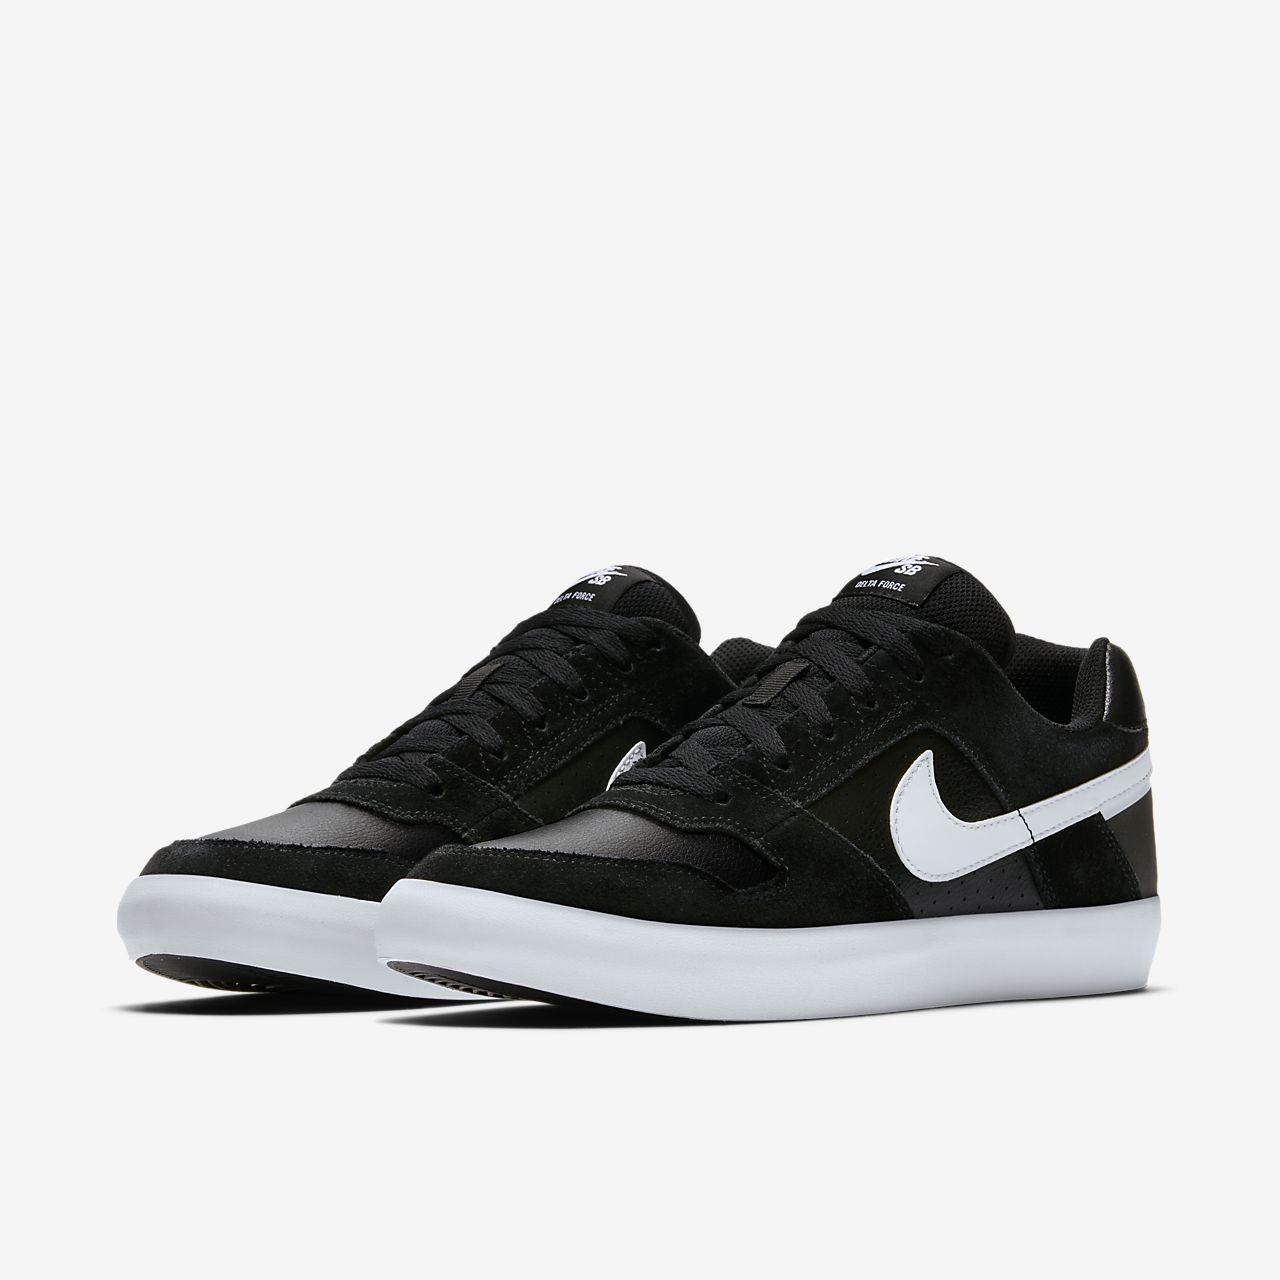 Nike SB Delta Force Vulc Men's Skateboarding Shoes Black/Red/White gS4811H